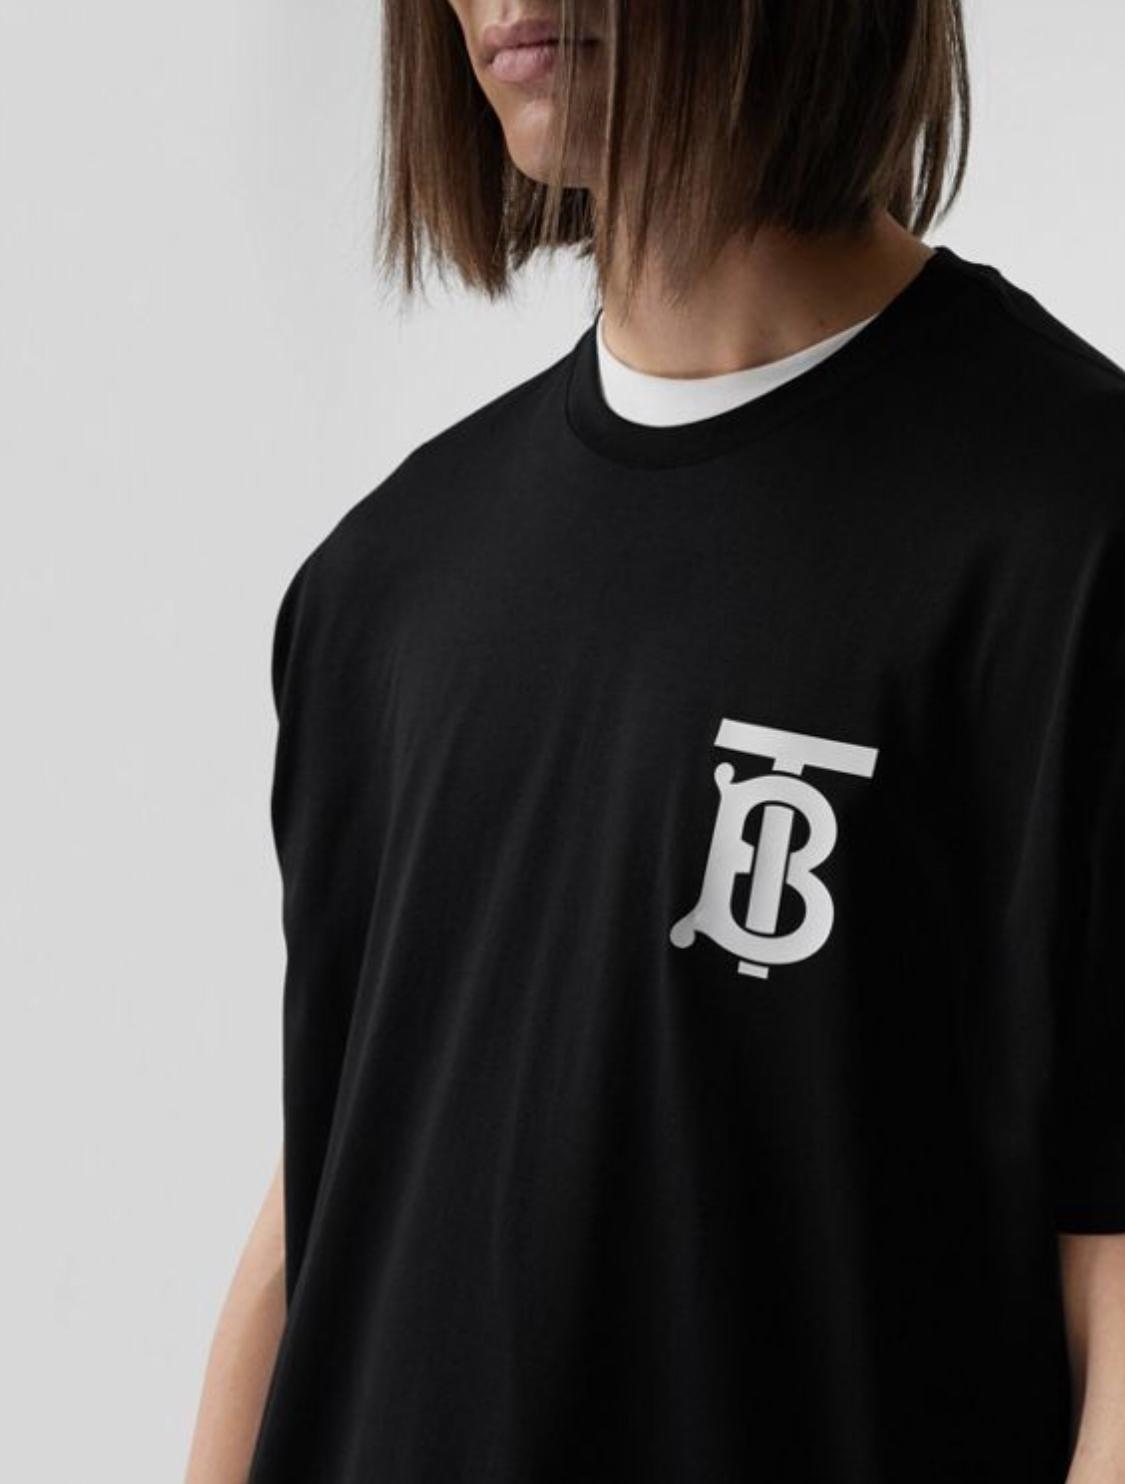 Chiếc áo thun màu đen mang logo mới của Burberry.